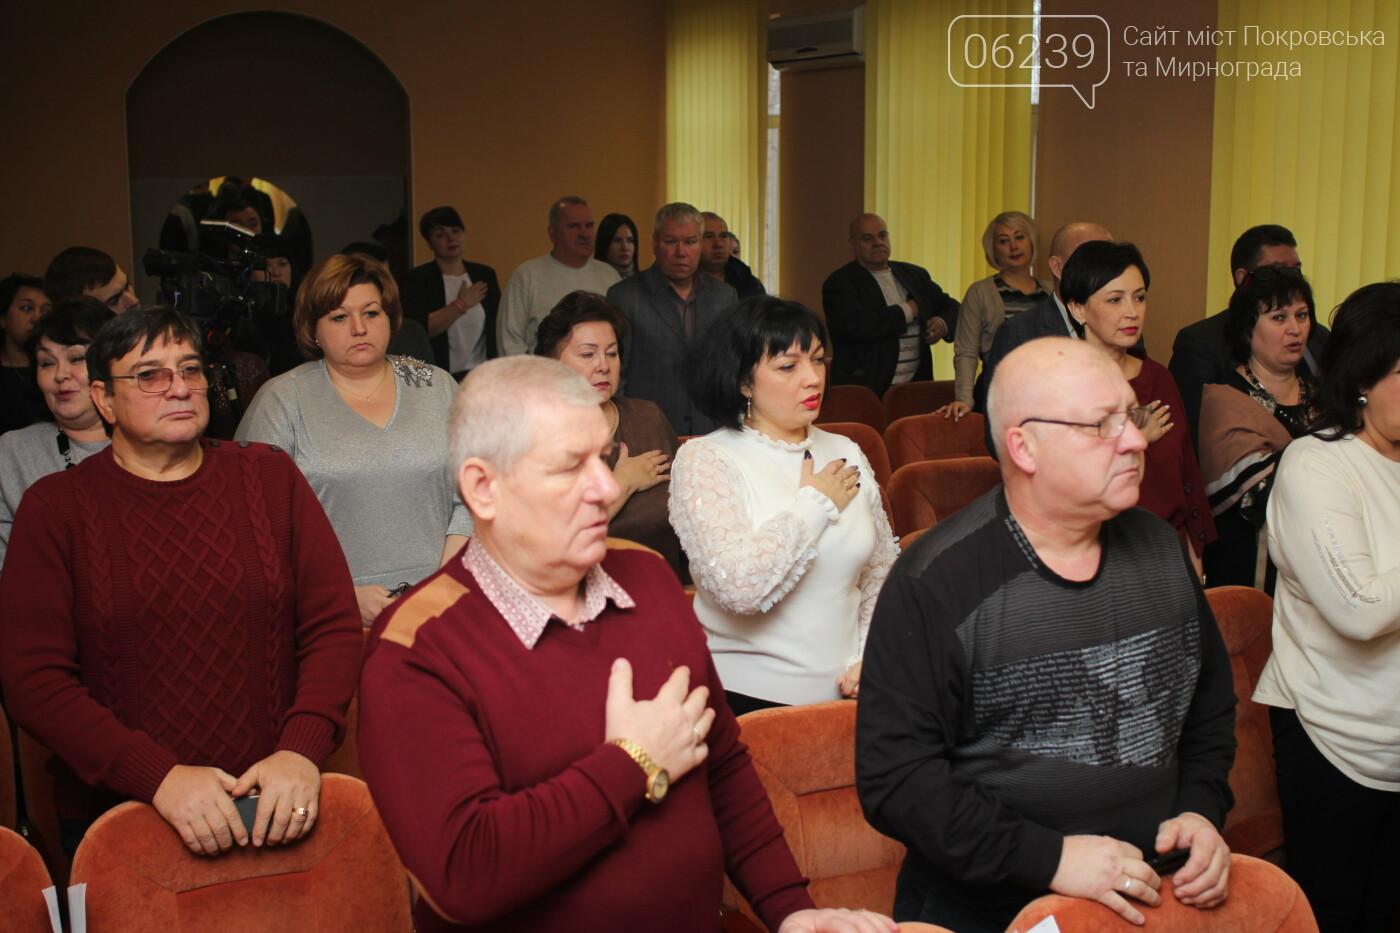 Изменения в бюджете и новый начальник отдела здравоохранения: в Мирнограде состоялась 72-я сессия горсовета, фото-1